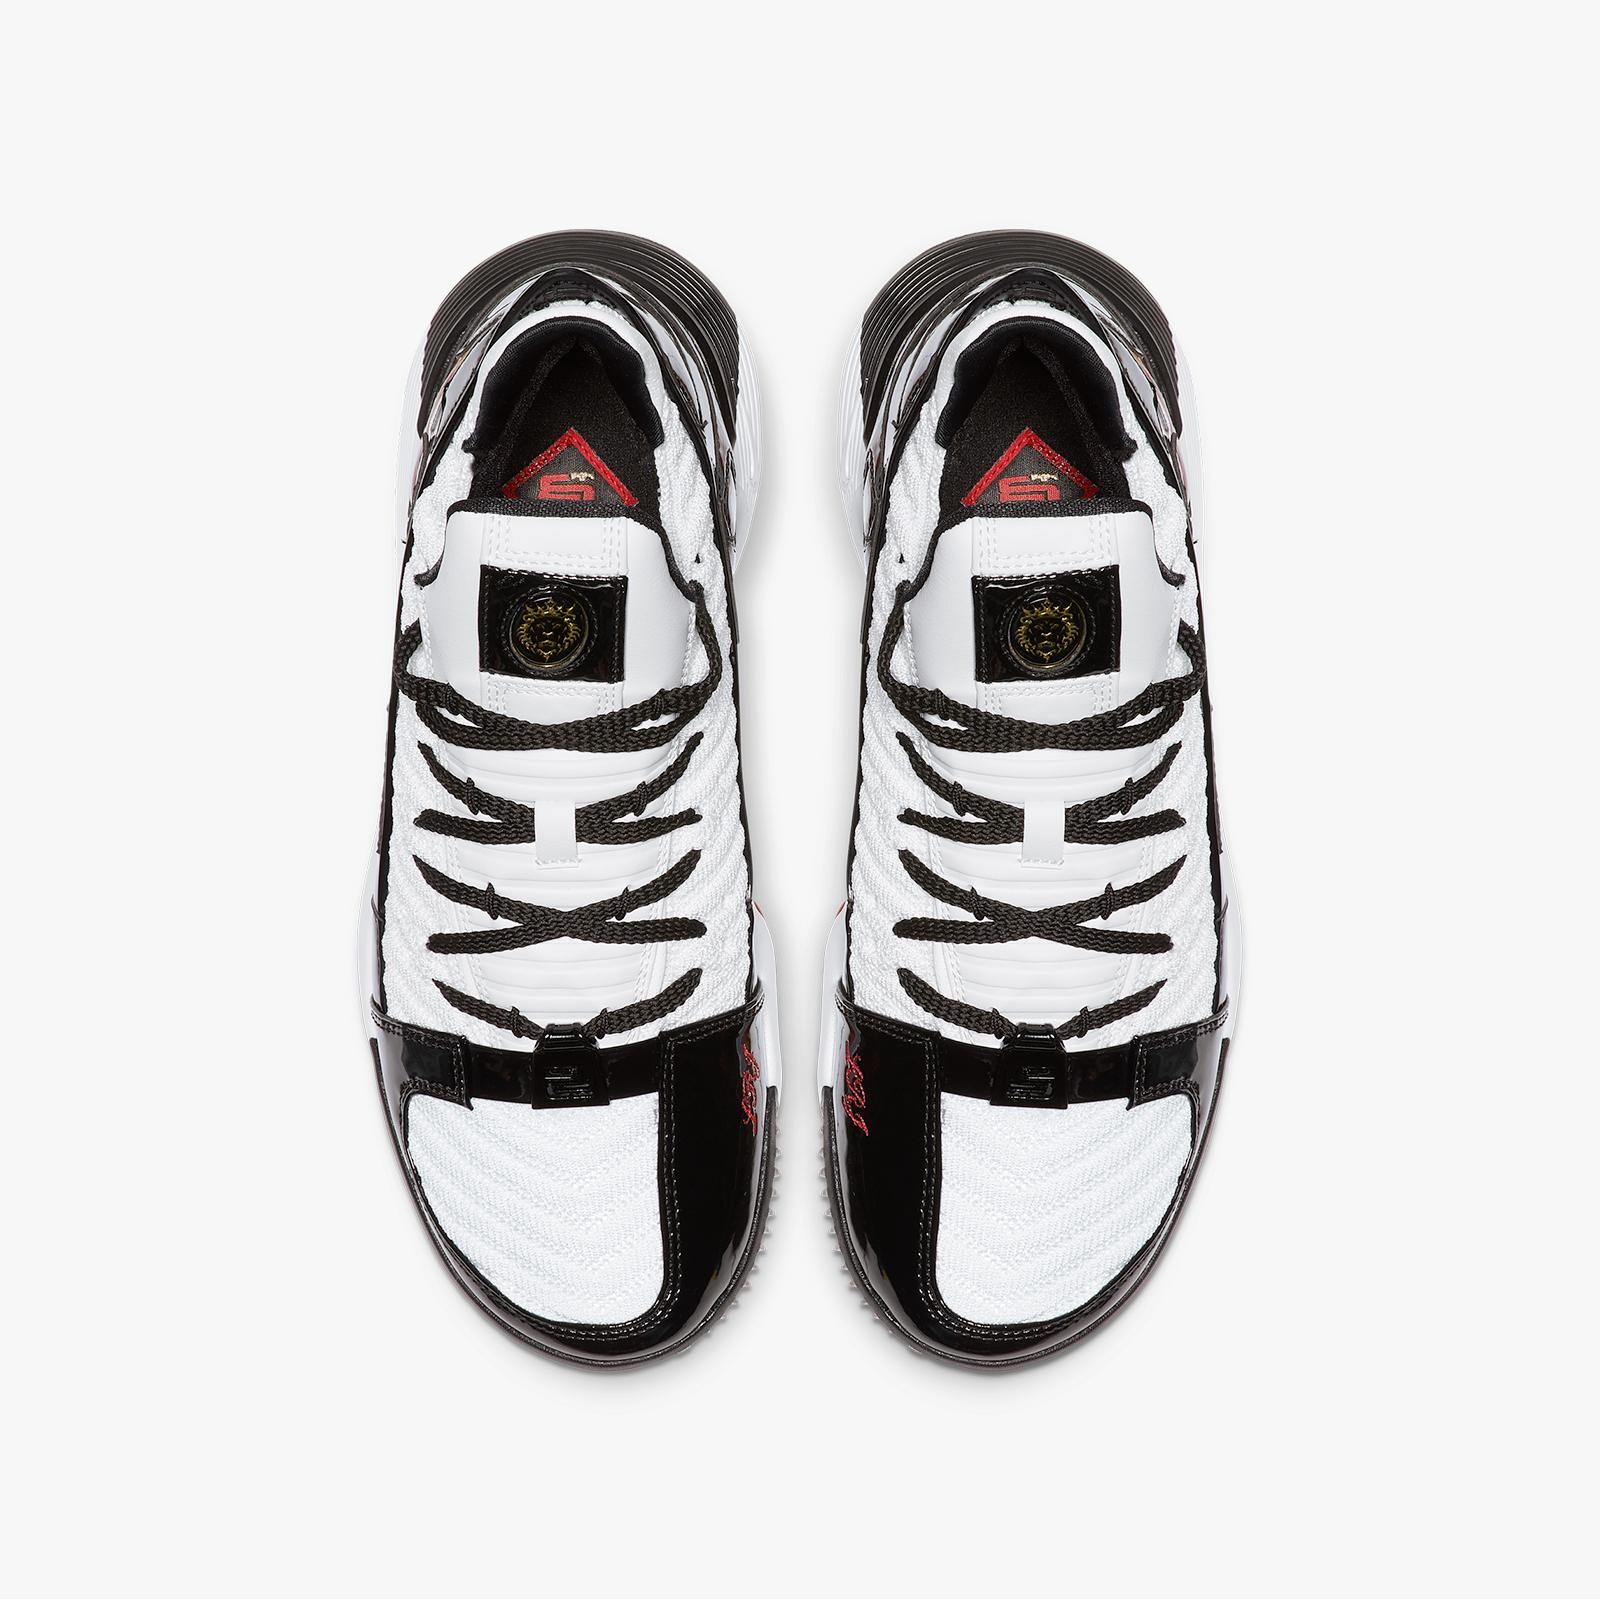 Nike LeBron XVI - Cd2451-101